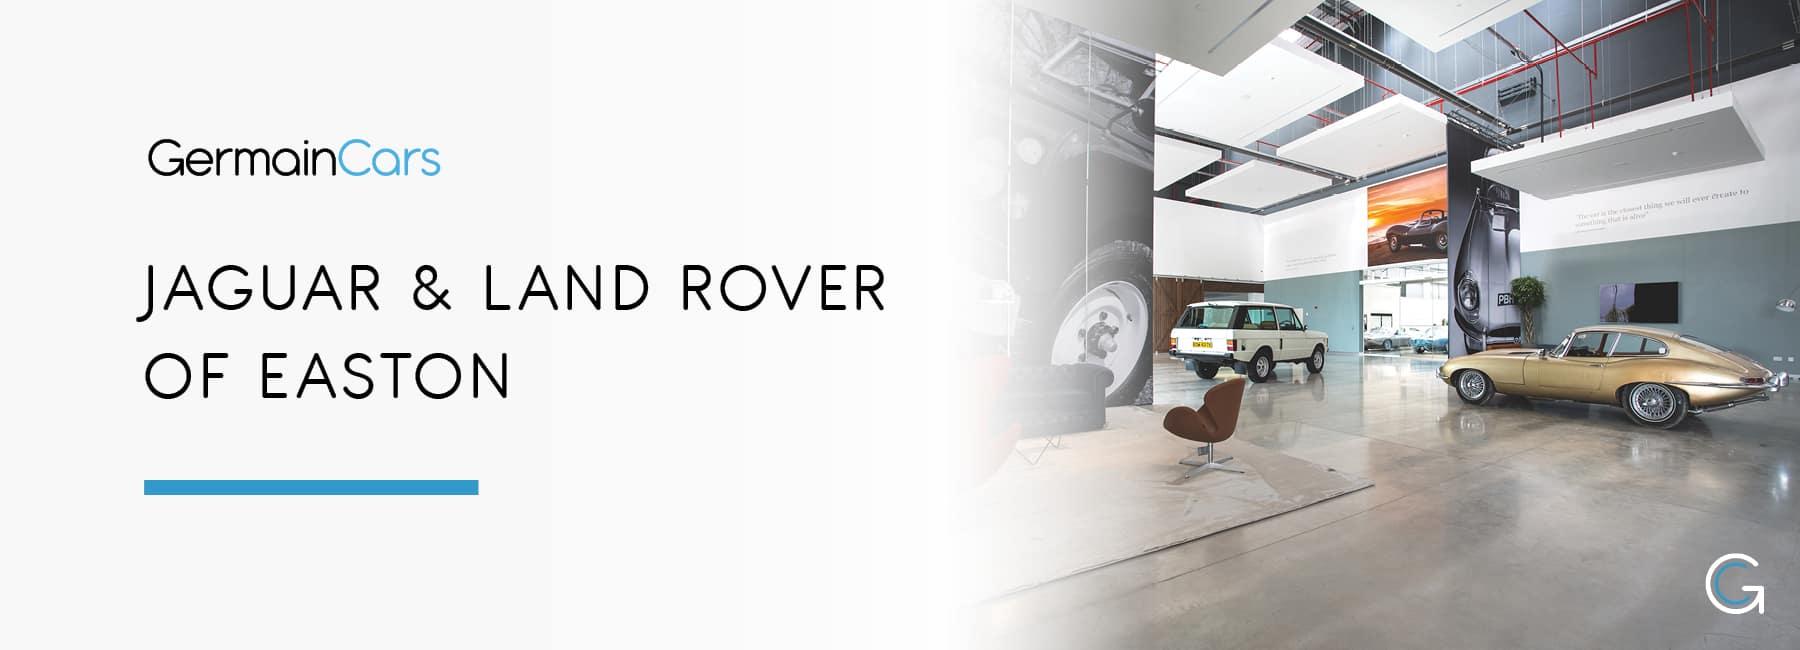 Germain Jaguar and Land Rover Dealerships in Columbus, OH